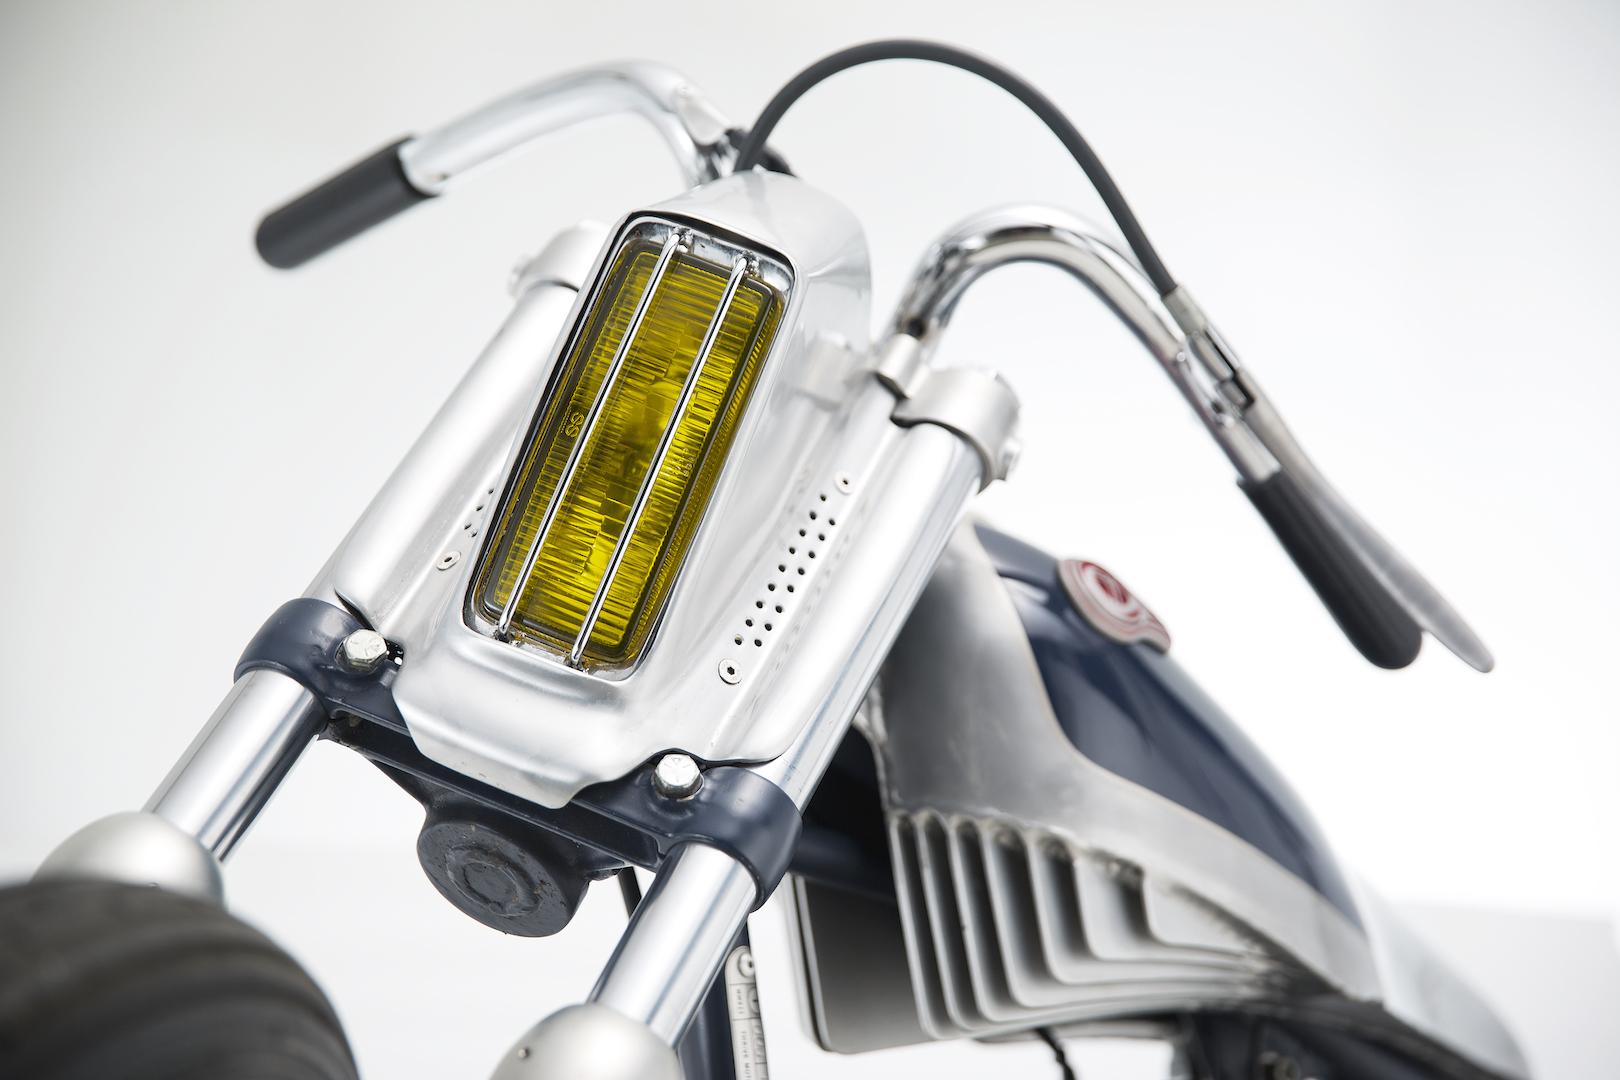 Kuzuri_Custom_Sportster_Details_ThriveMC_Moto-Mucci (17).jpg